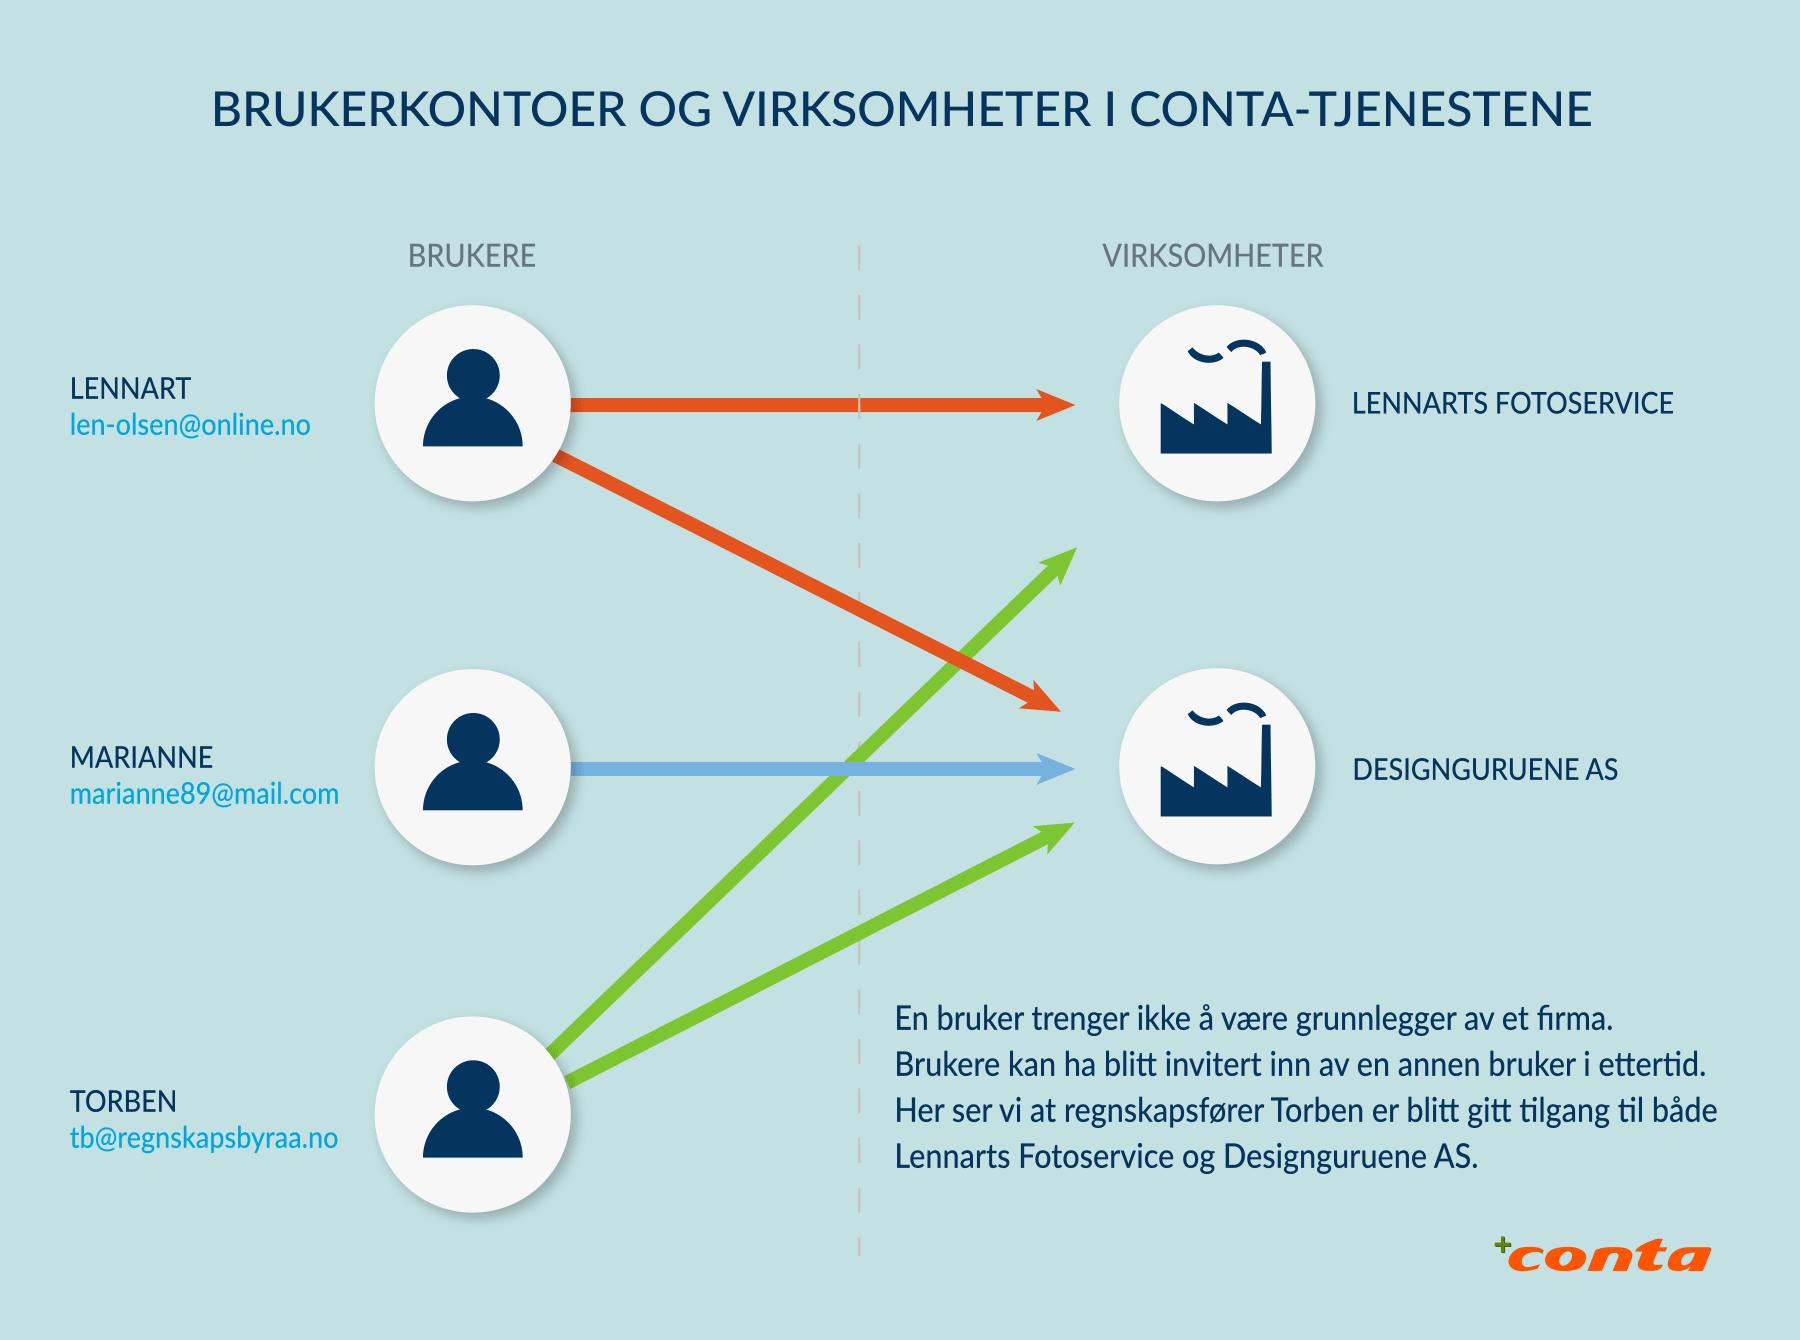 Brukerkontoer og virksomheter i Conta-tjenestene